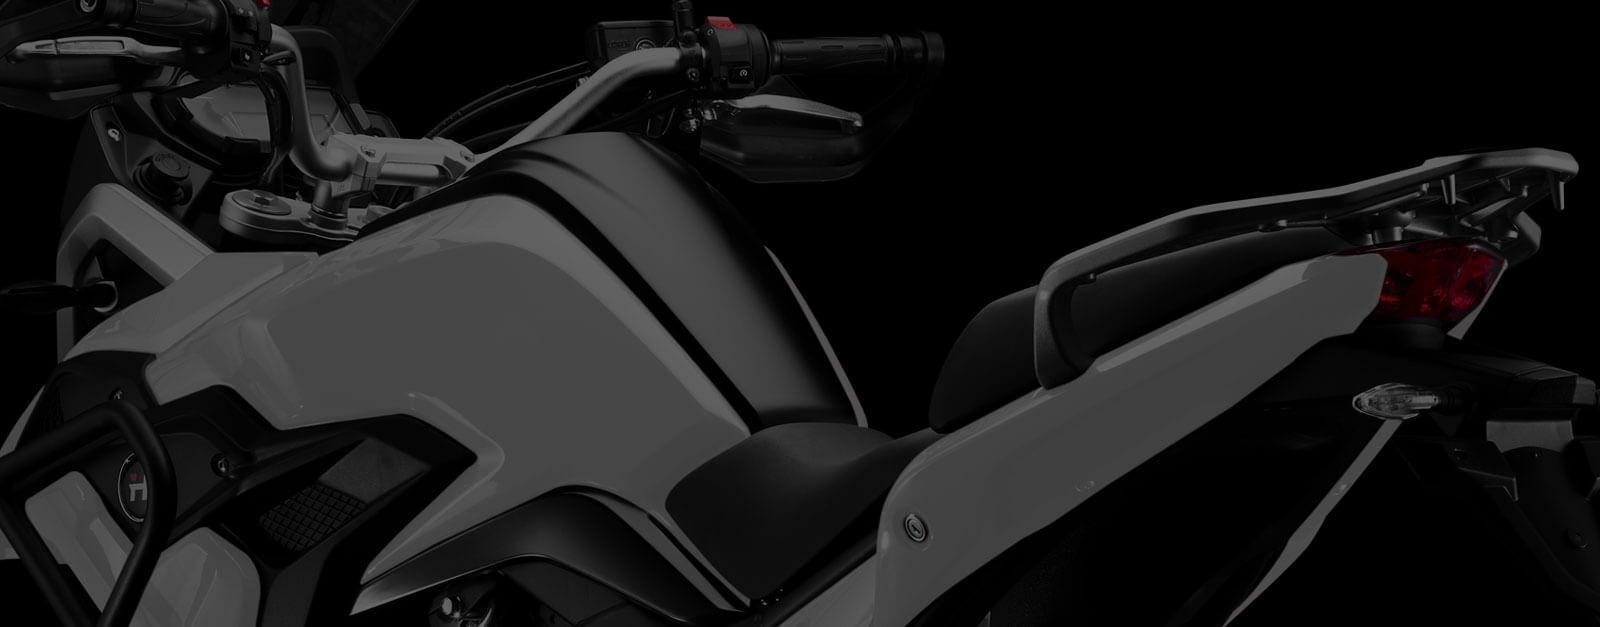 Hunter Motorcycles - Team